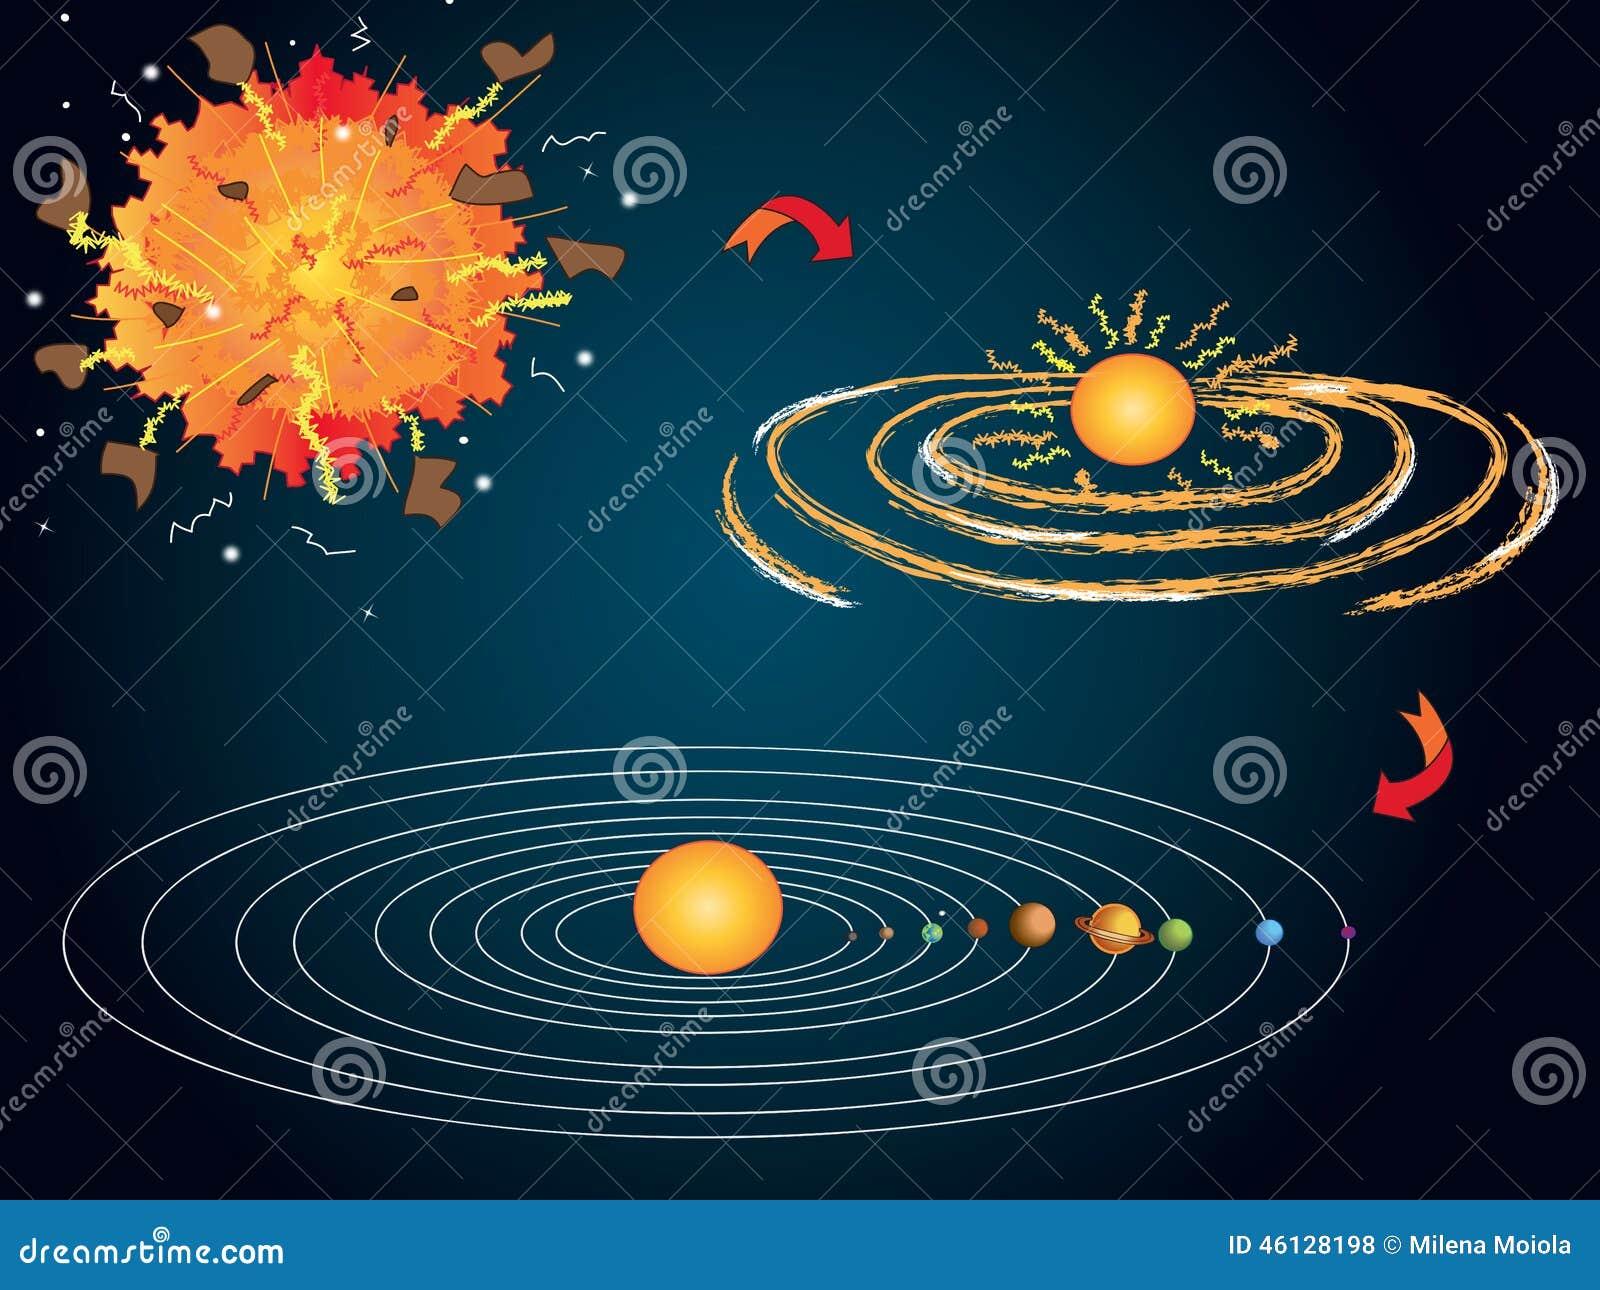 solar system big bang theory - photo #16